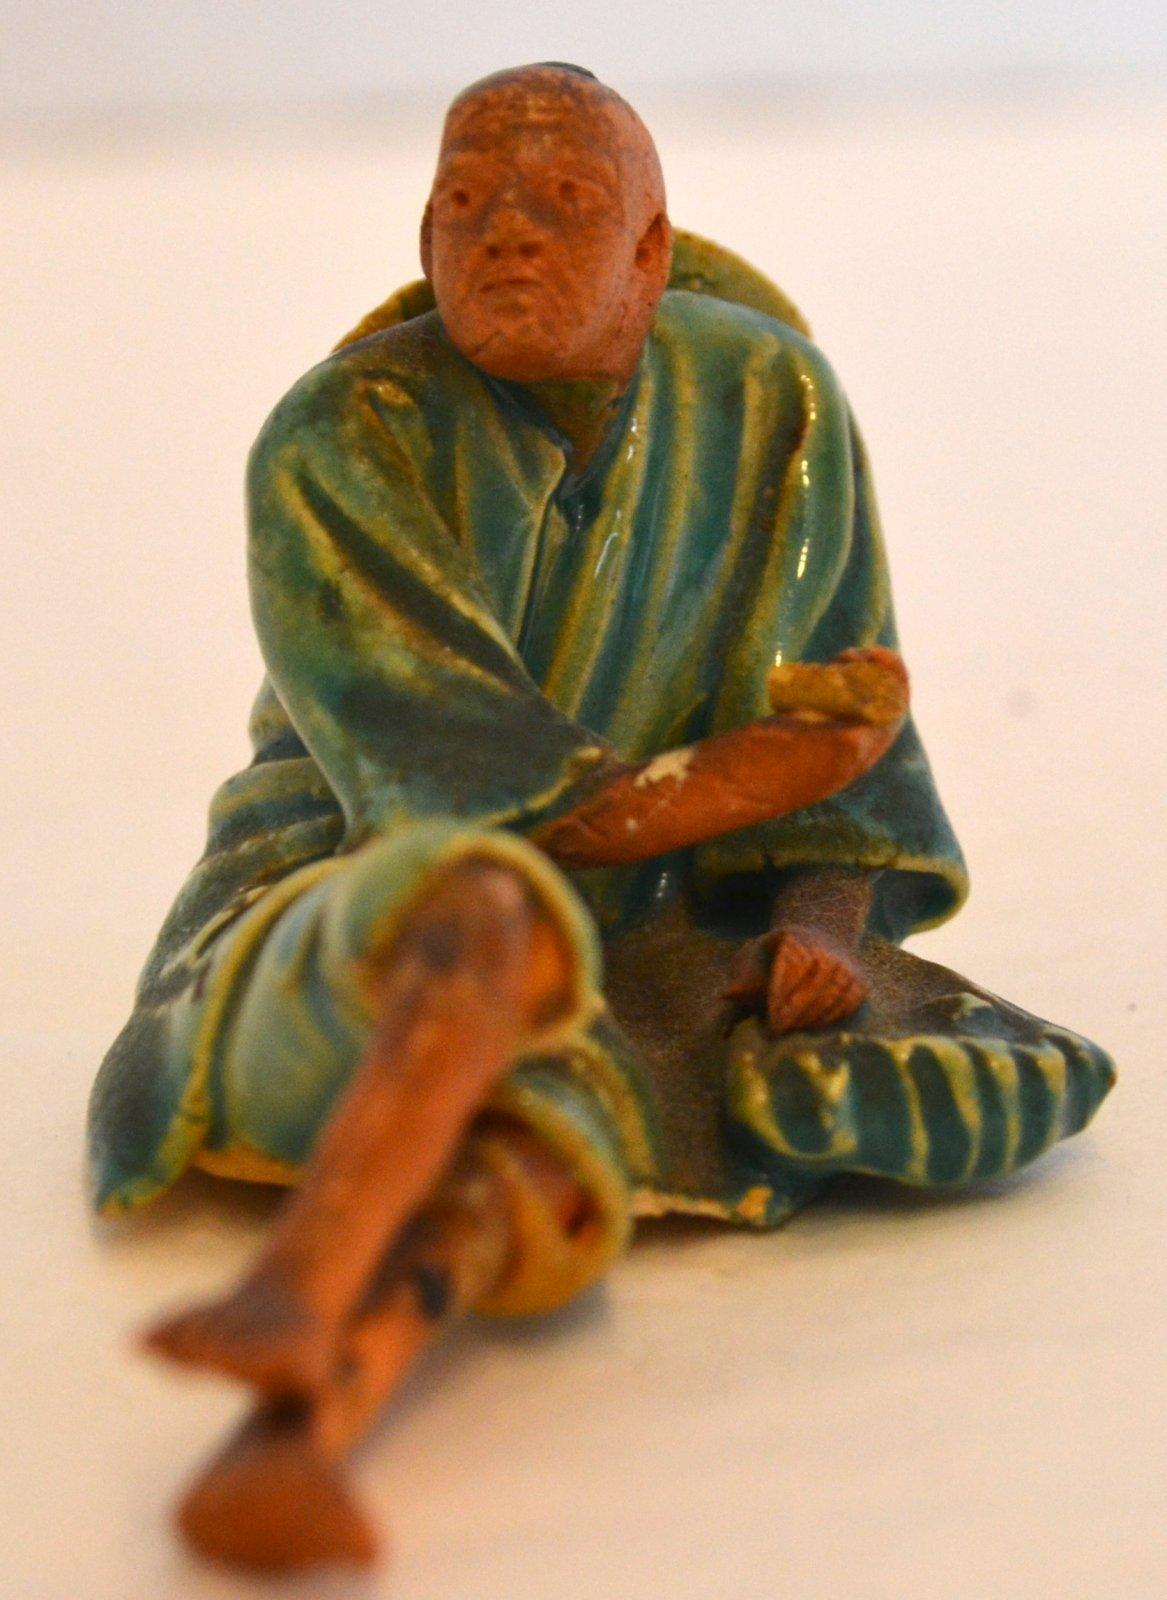 Chinese Earthware Mud Man Figurine